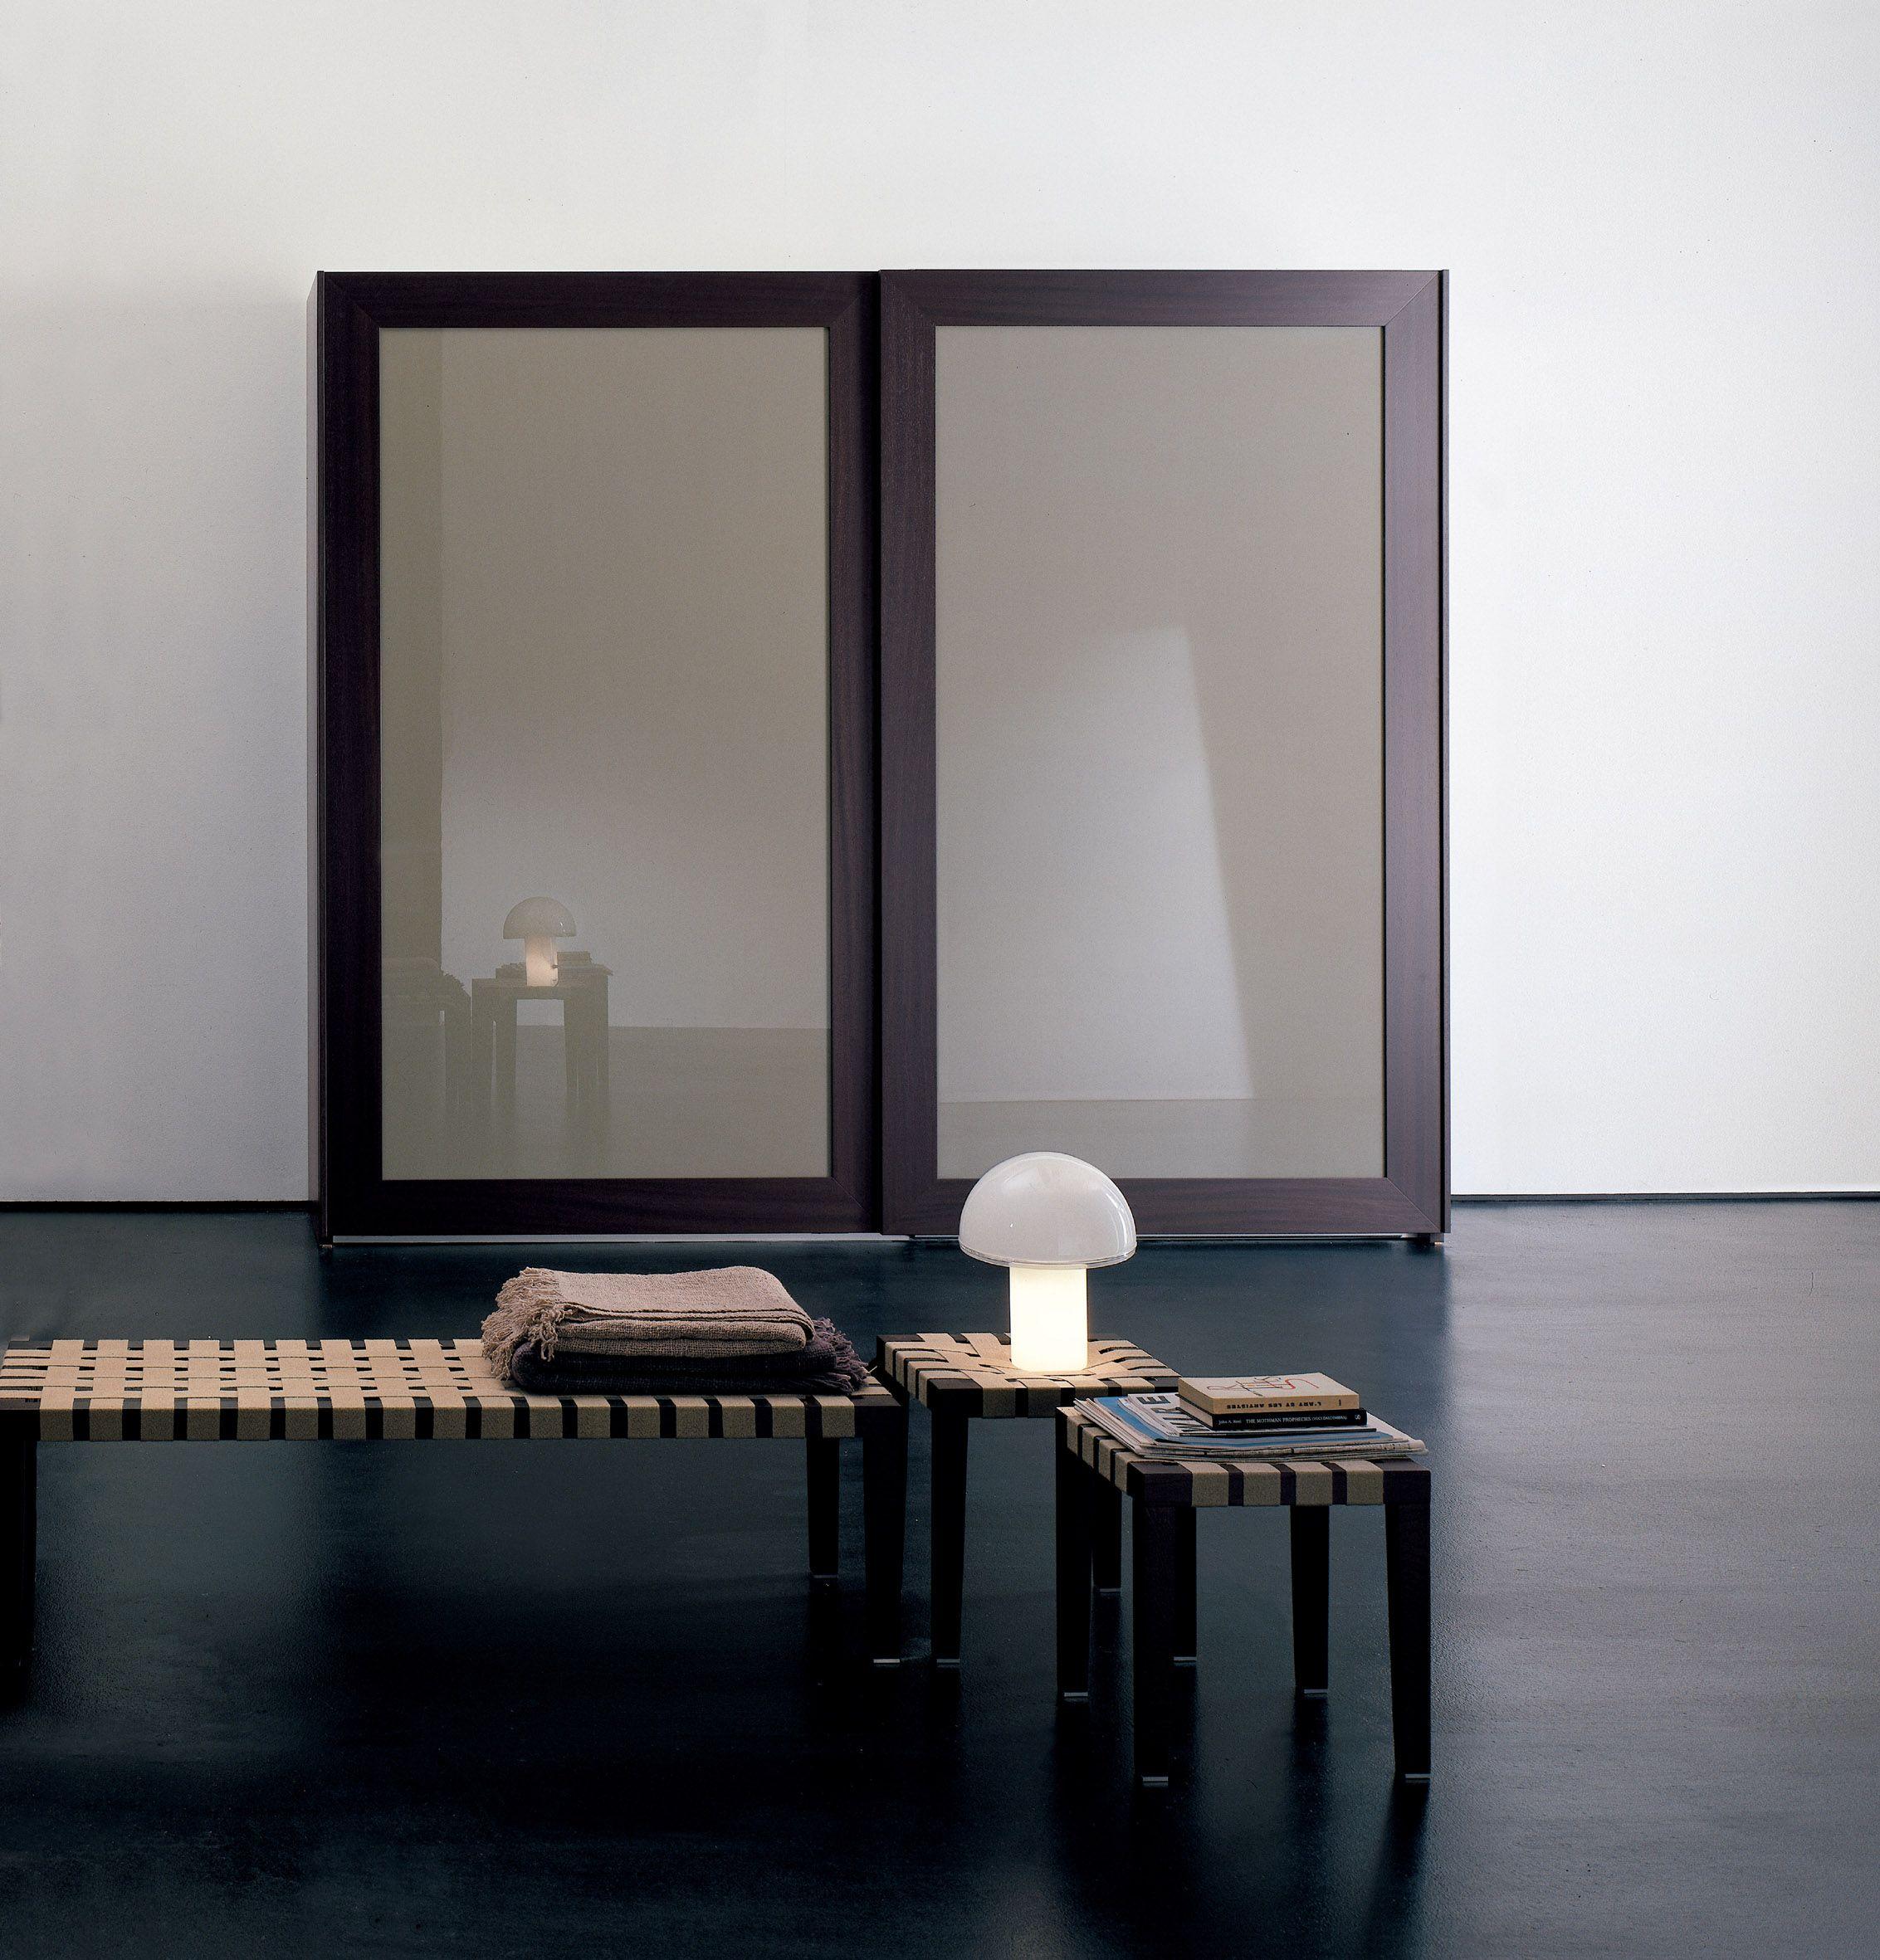 Innenarchitektur von schlafzimmermöbeln  bilder zu home auf pinterest